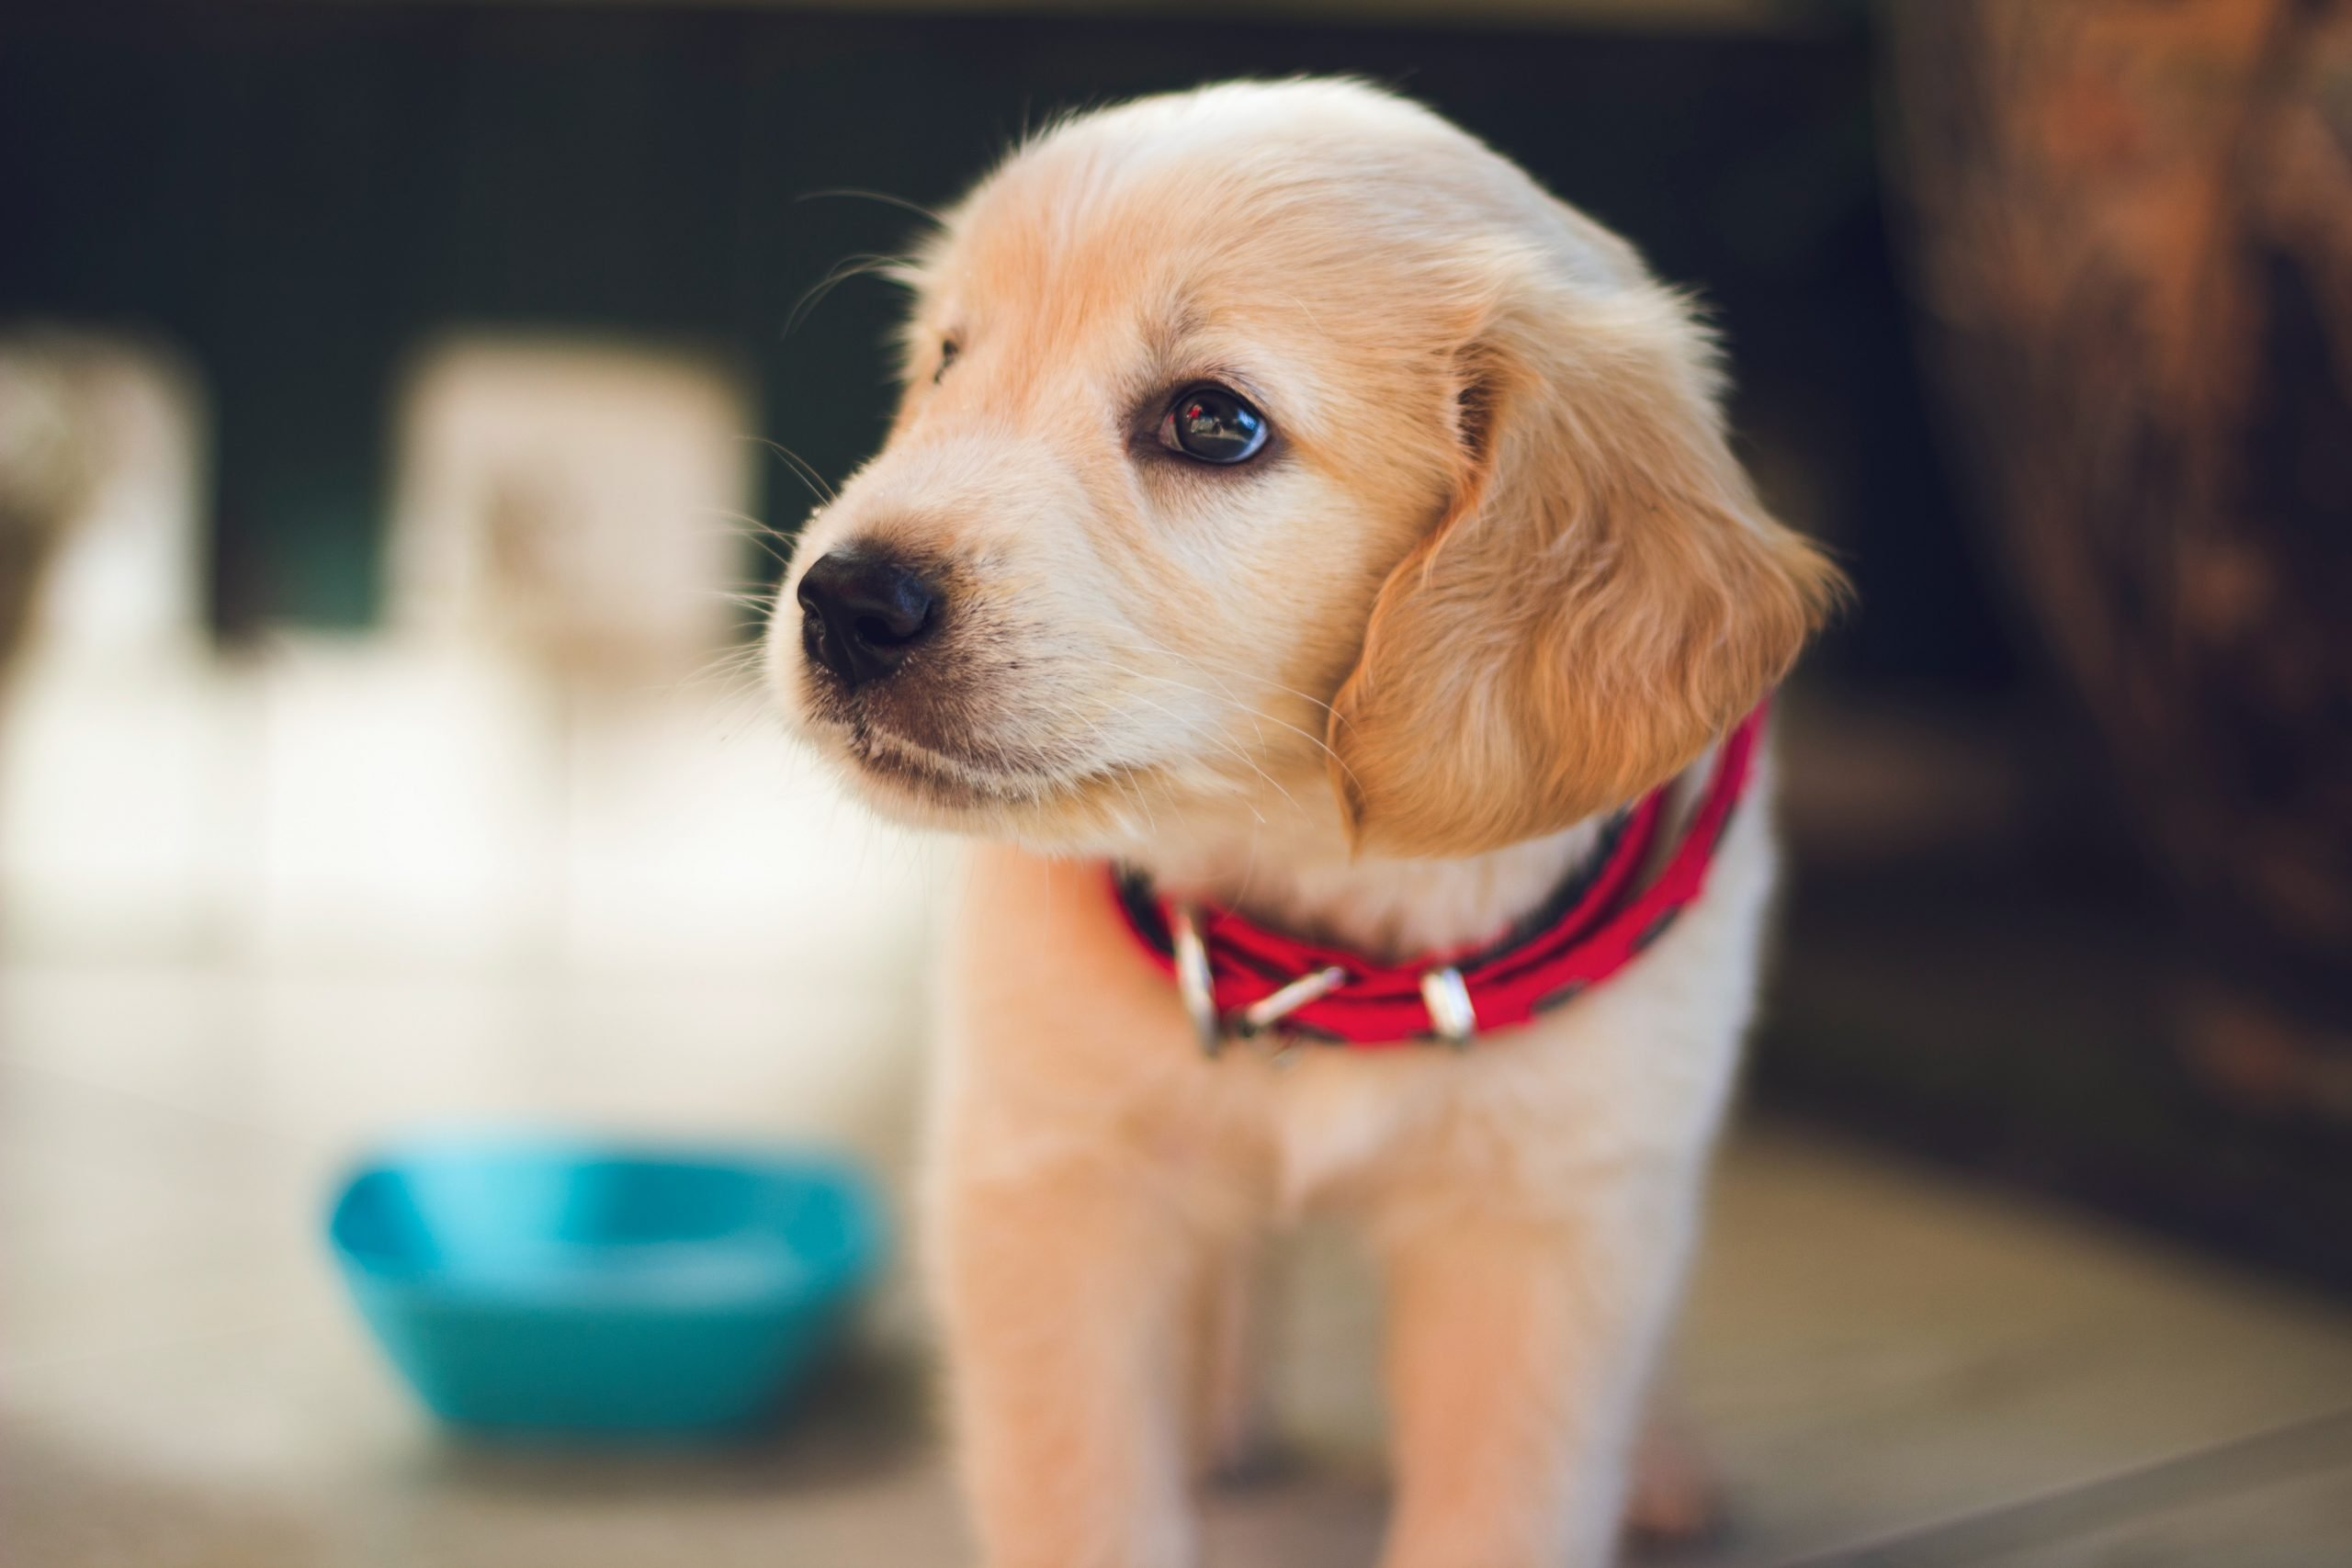 Cómo convencer a tus padres para adoptar un perro: consejos para una conversación exitosa 1